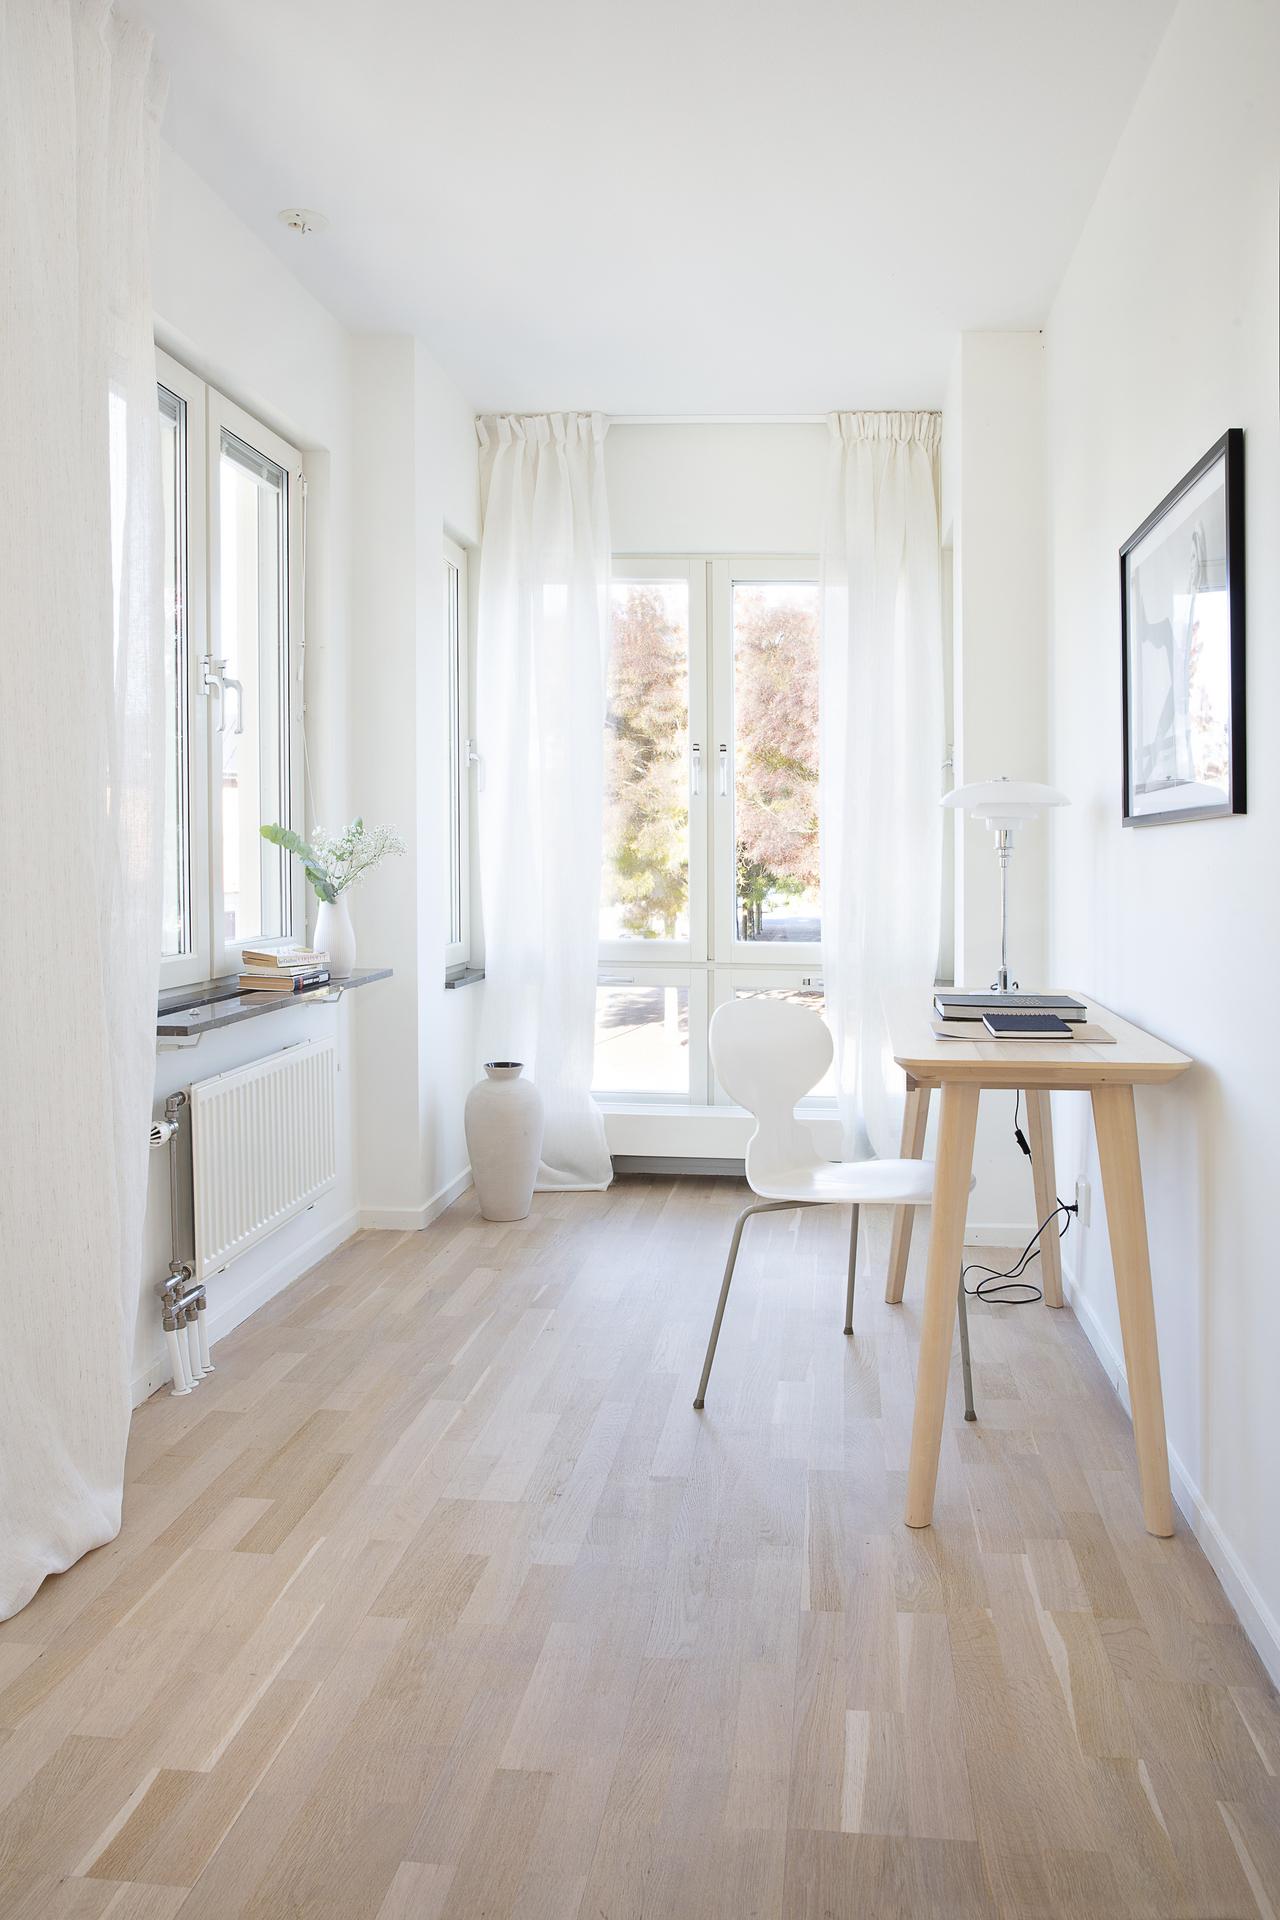 Nischen längst ner i rummet kan möbleras som en läshörna el. som på bilden en stilren arbetshörna